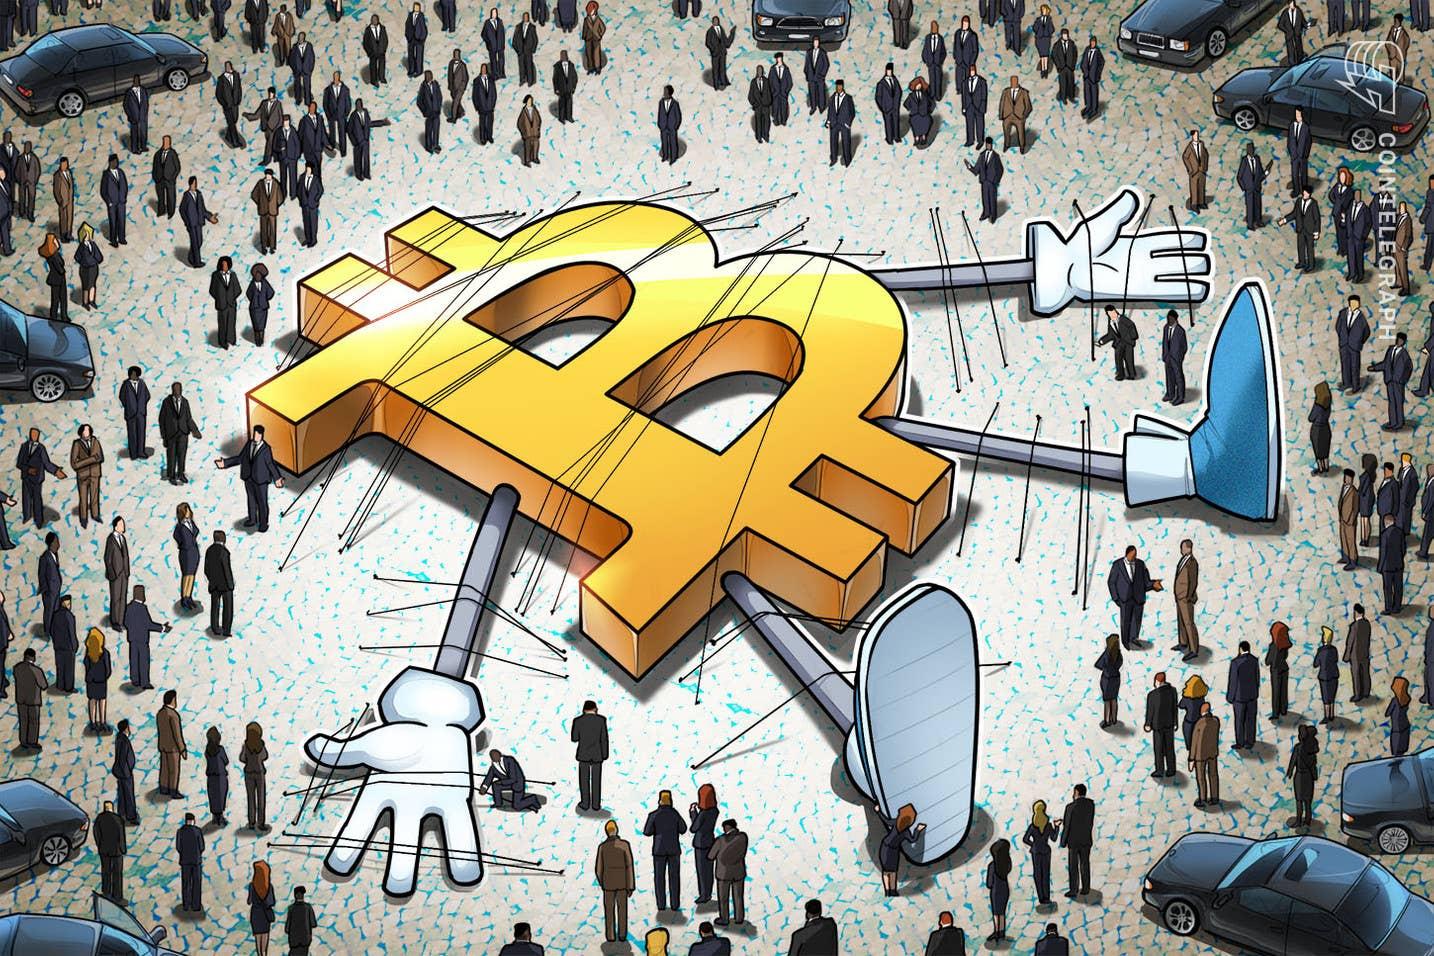 Биткойнът отскача до 43 XNUMX долара преди свежите коментари за крипто от председателя на SEC Gensler